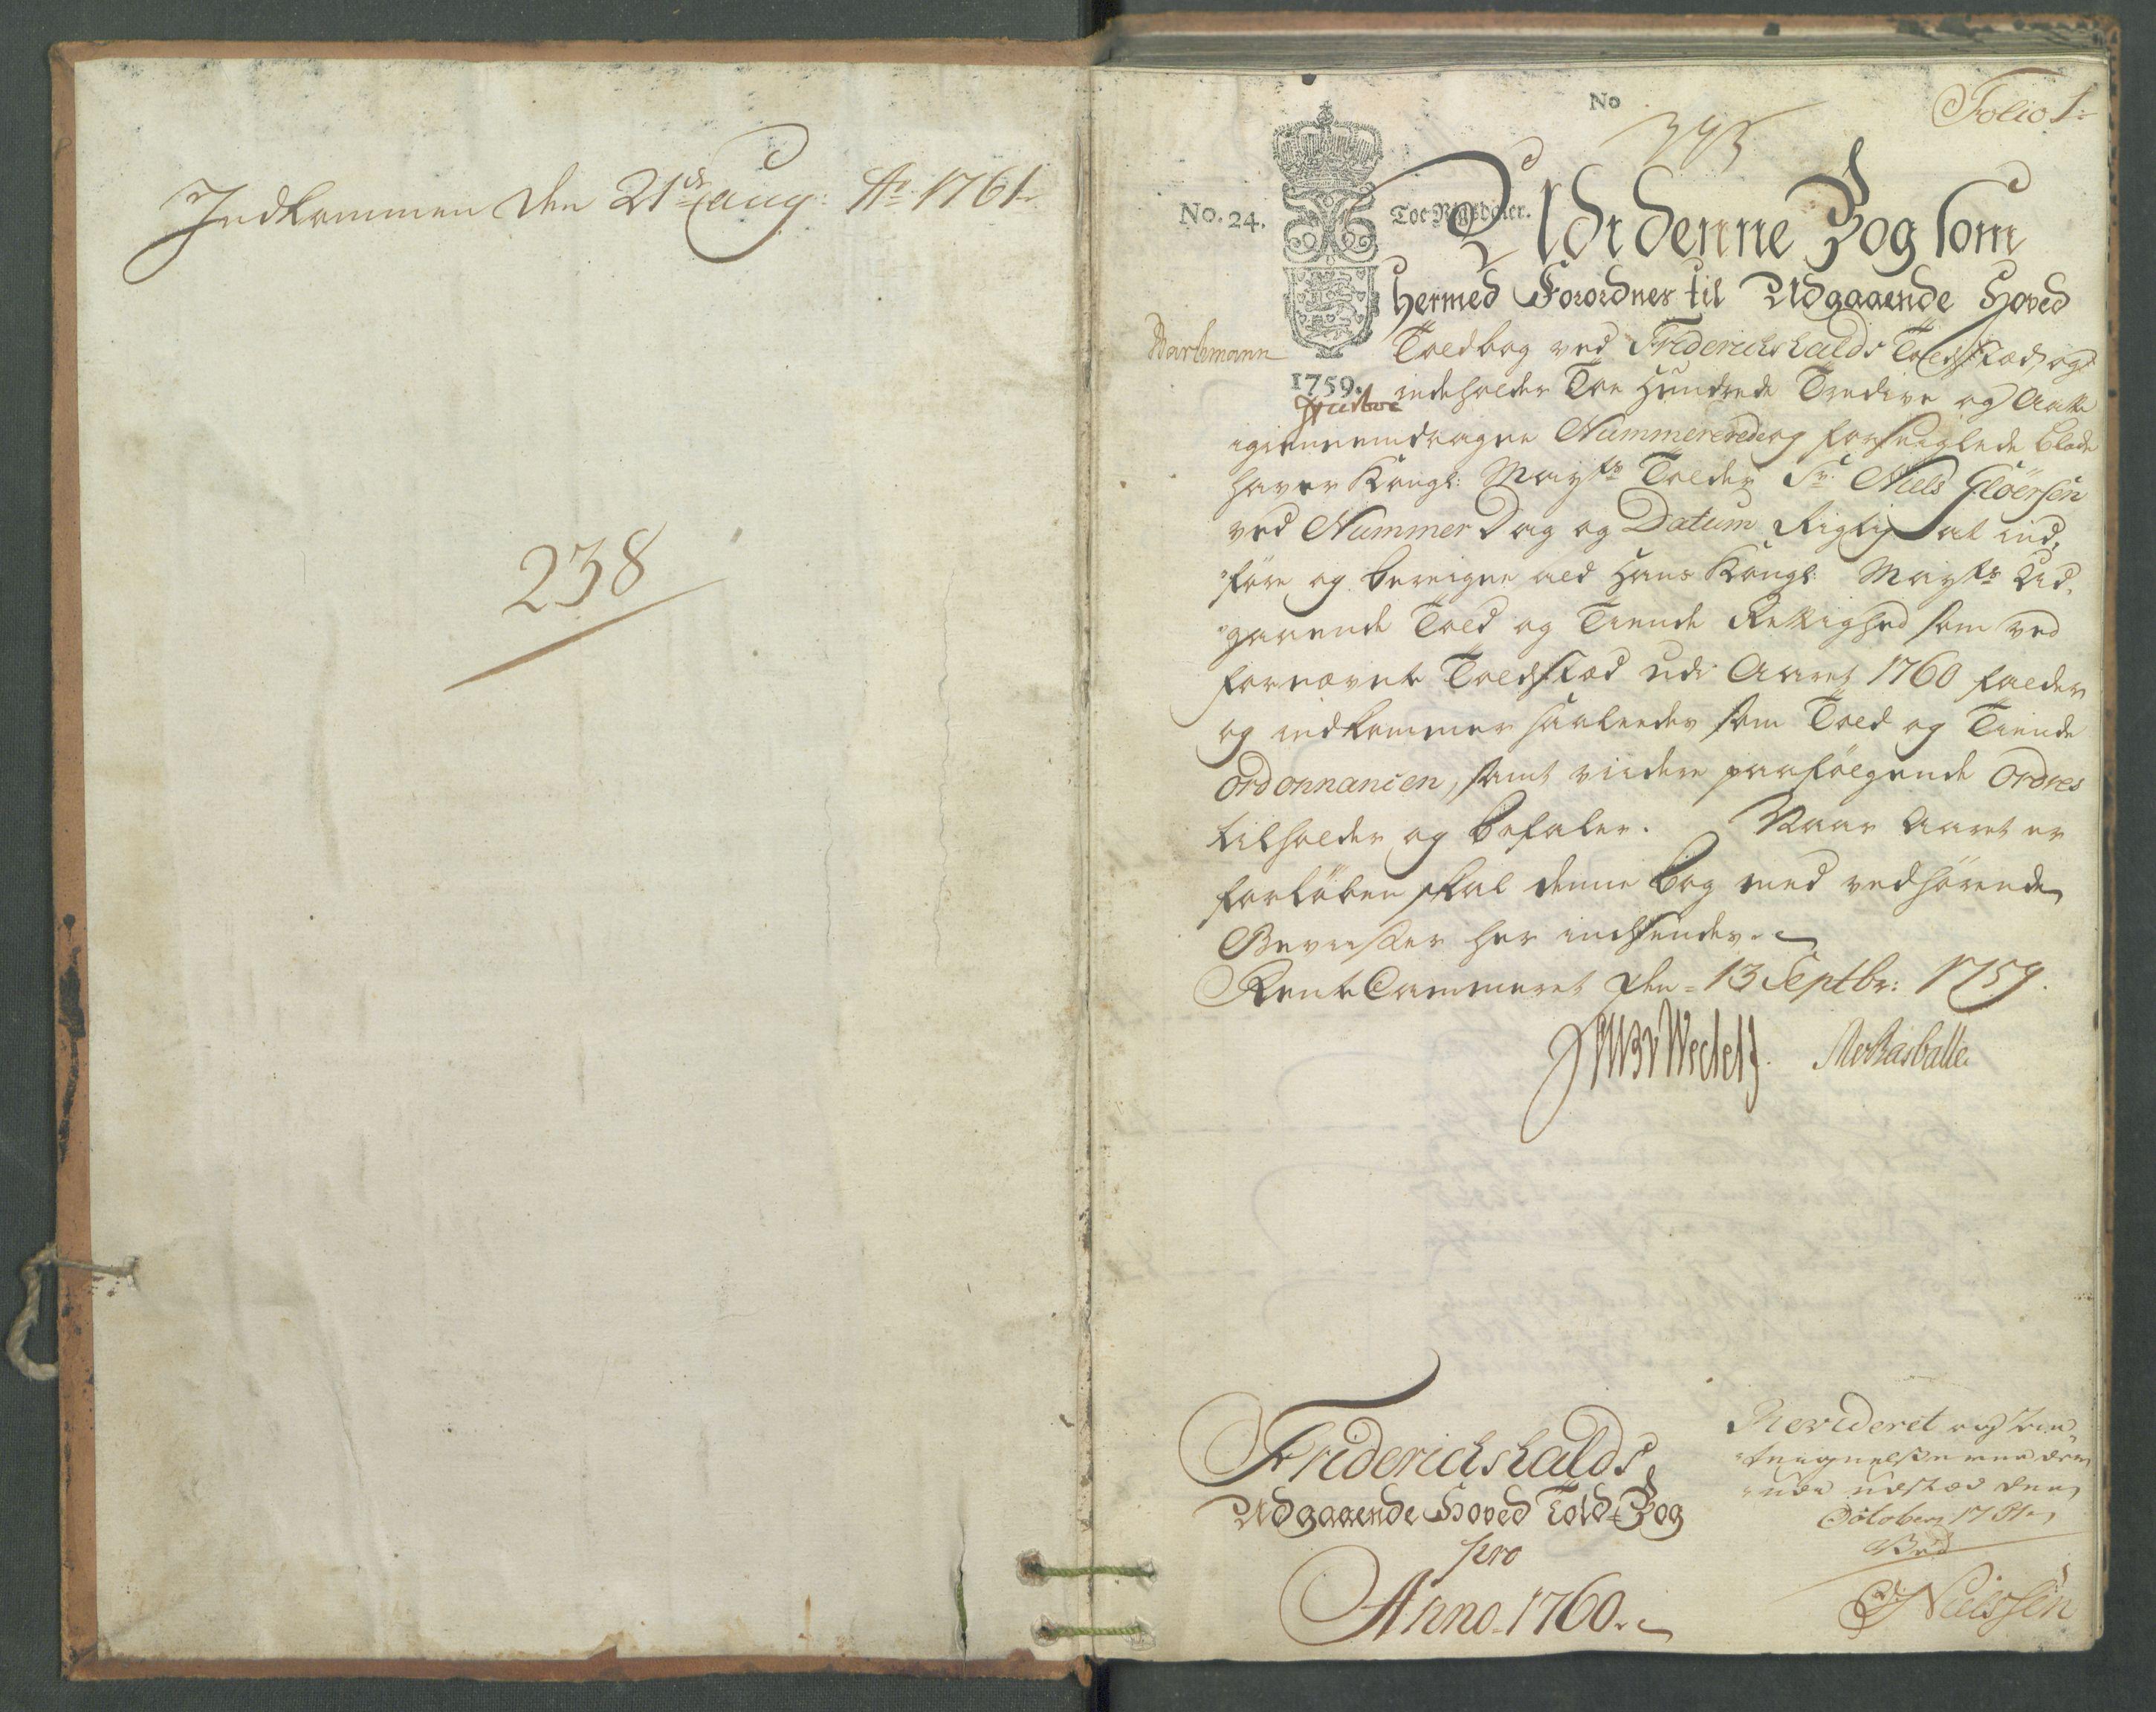 RA, Generaltollkammeret, tollregnskaper, R01/L0041: Tollregnskaper Fredrikshald, 1760